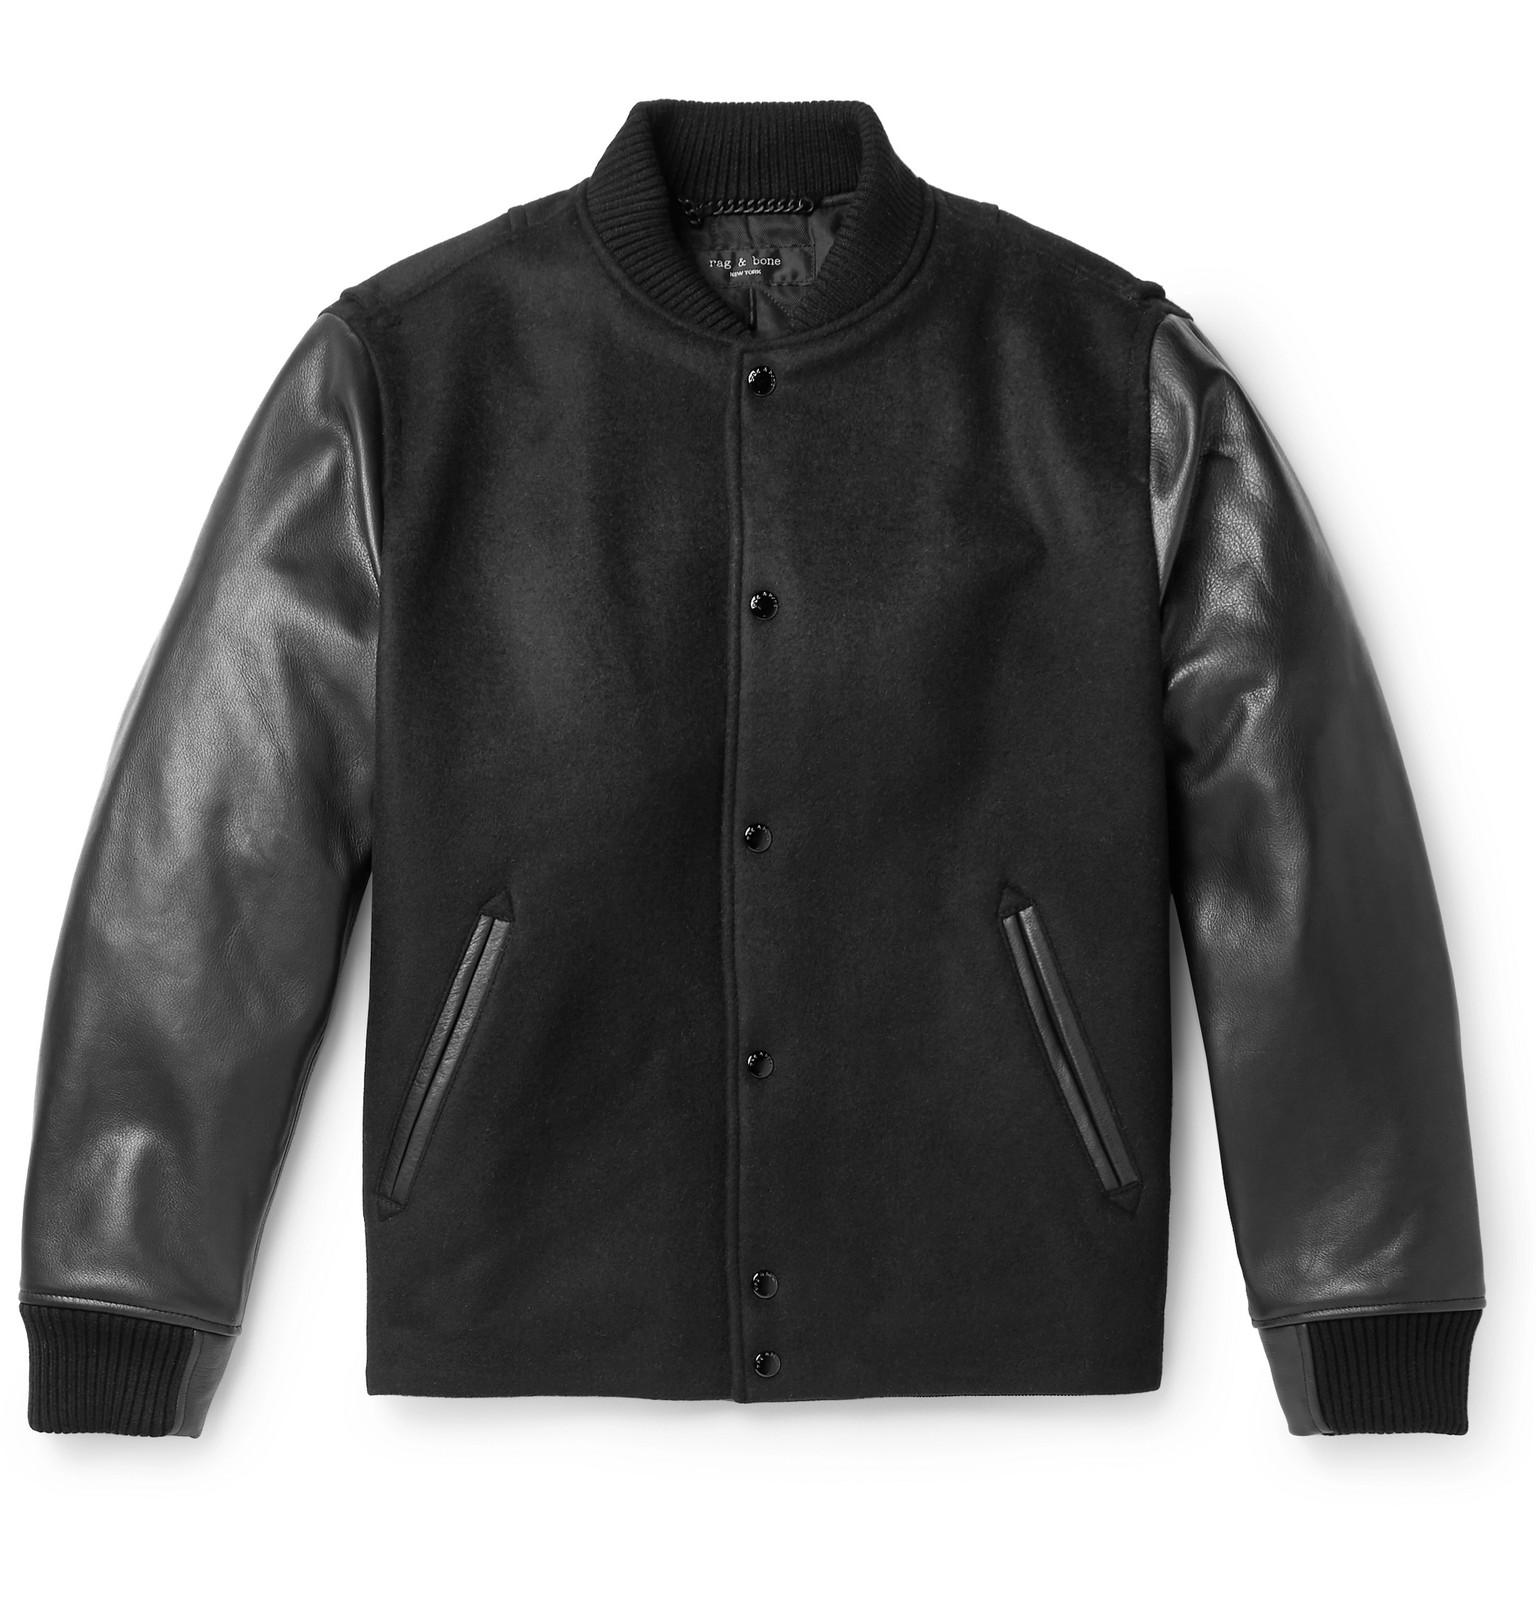 rag & bone Boulder Leather and Wool Blend Bomber Jacket